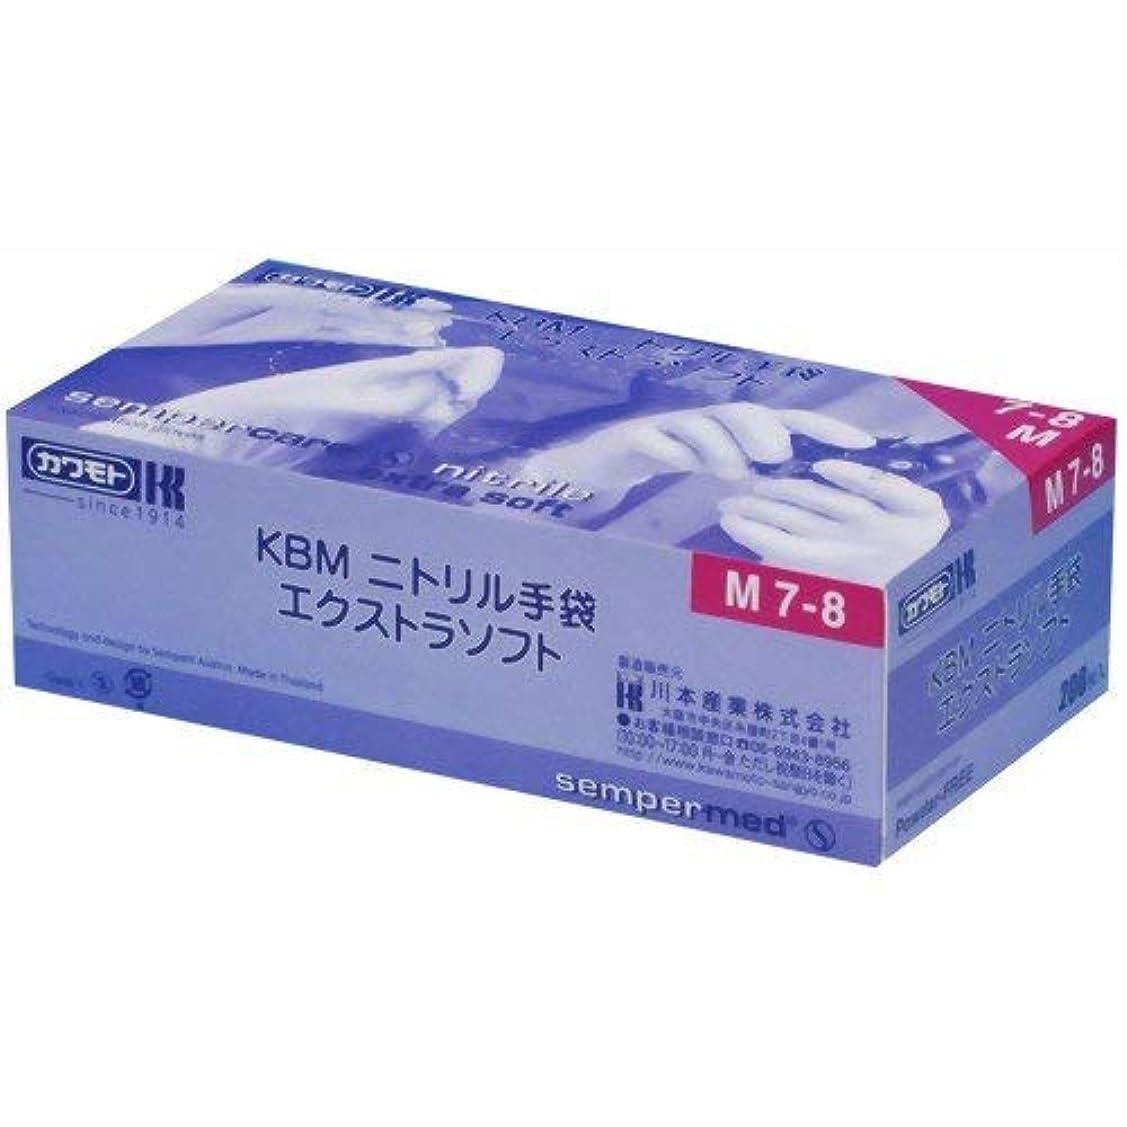 ジョガーカジュアルストローク川本産業 KBMニトリル手袋 エクストラソフト S 200枚入 × 48個セット